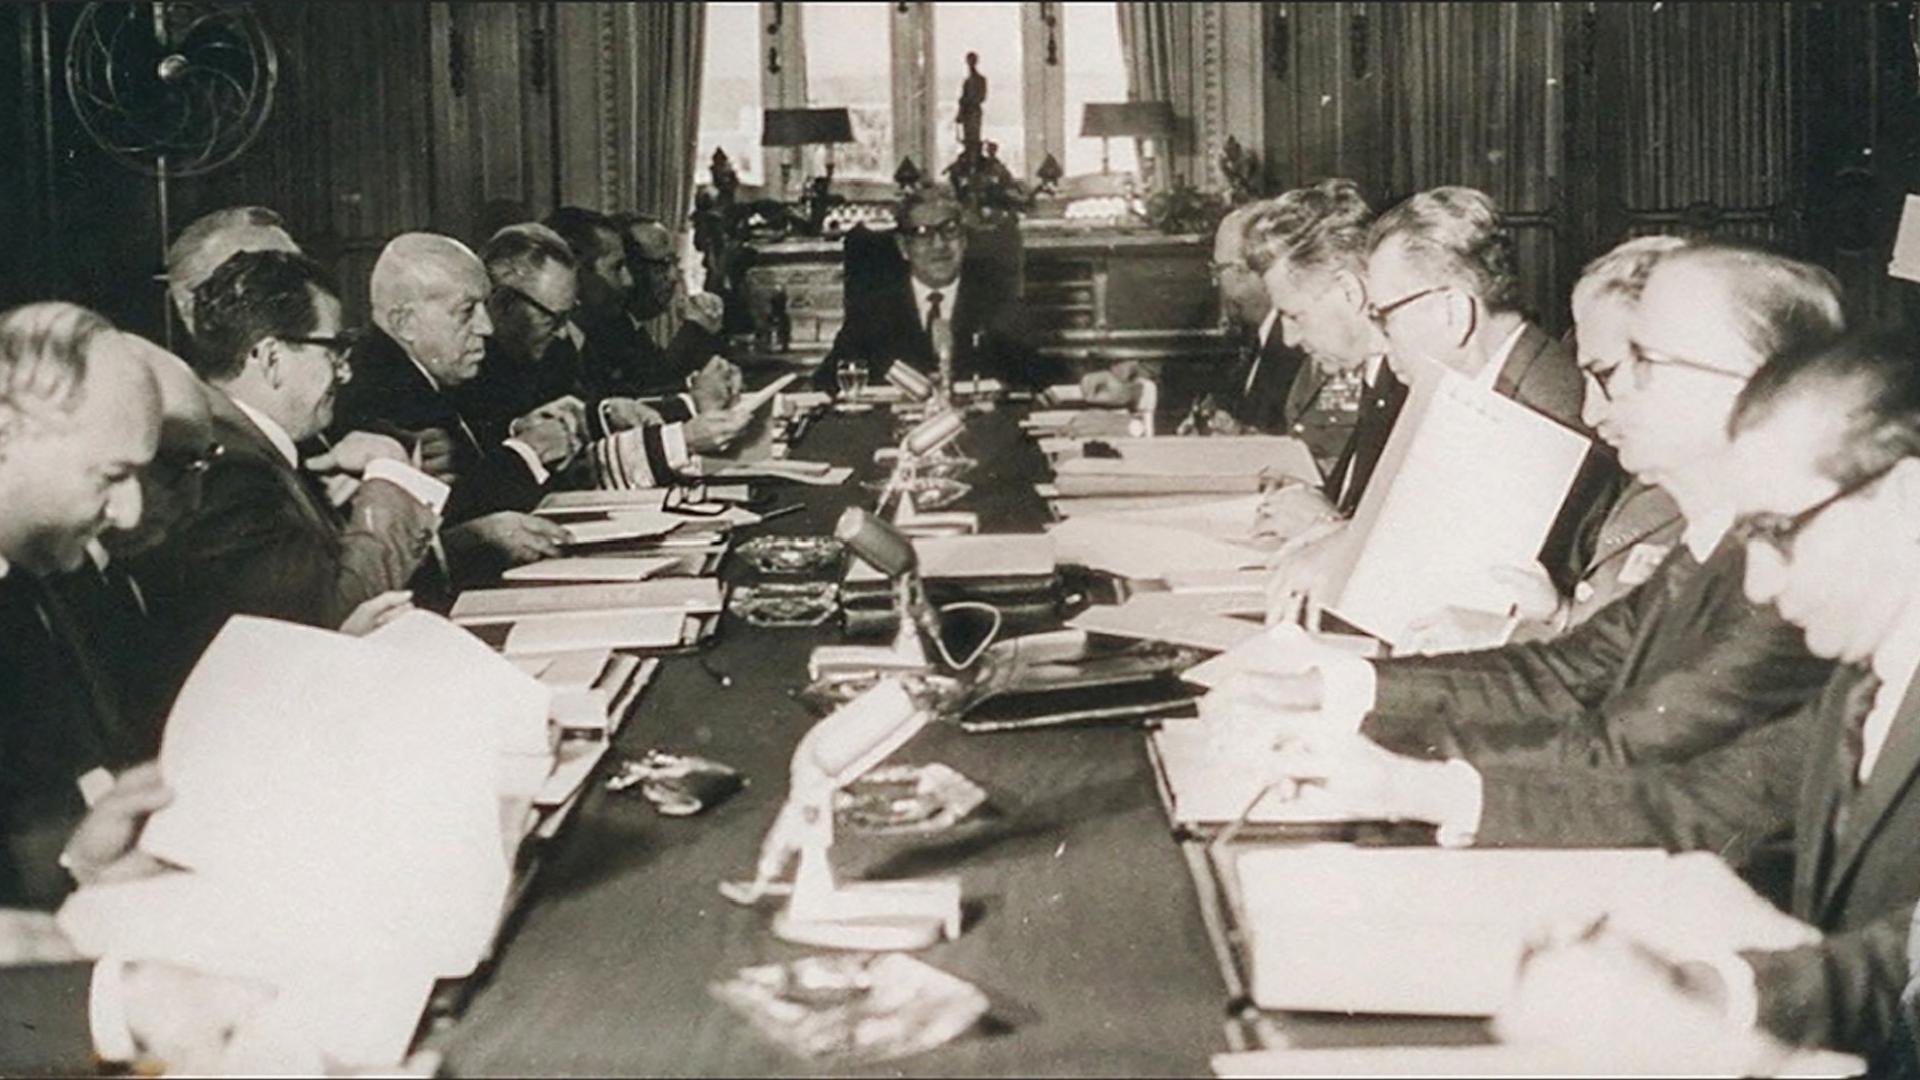 Mesa no Palácio das Laranjeiras durante a edição do AI-5 pelo então presidente Gen. Artur da Costa e Silva. Arquivo/Folhapress